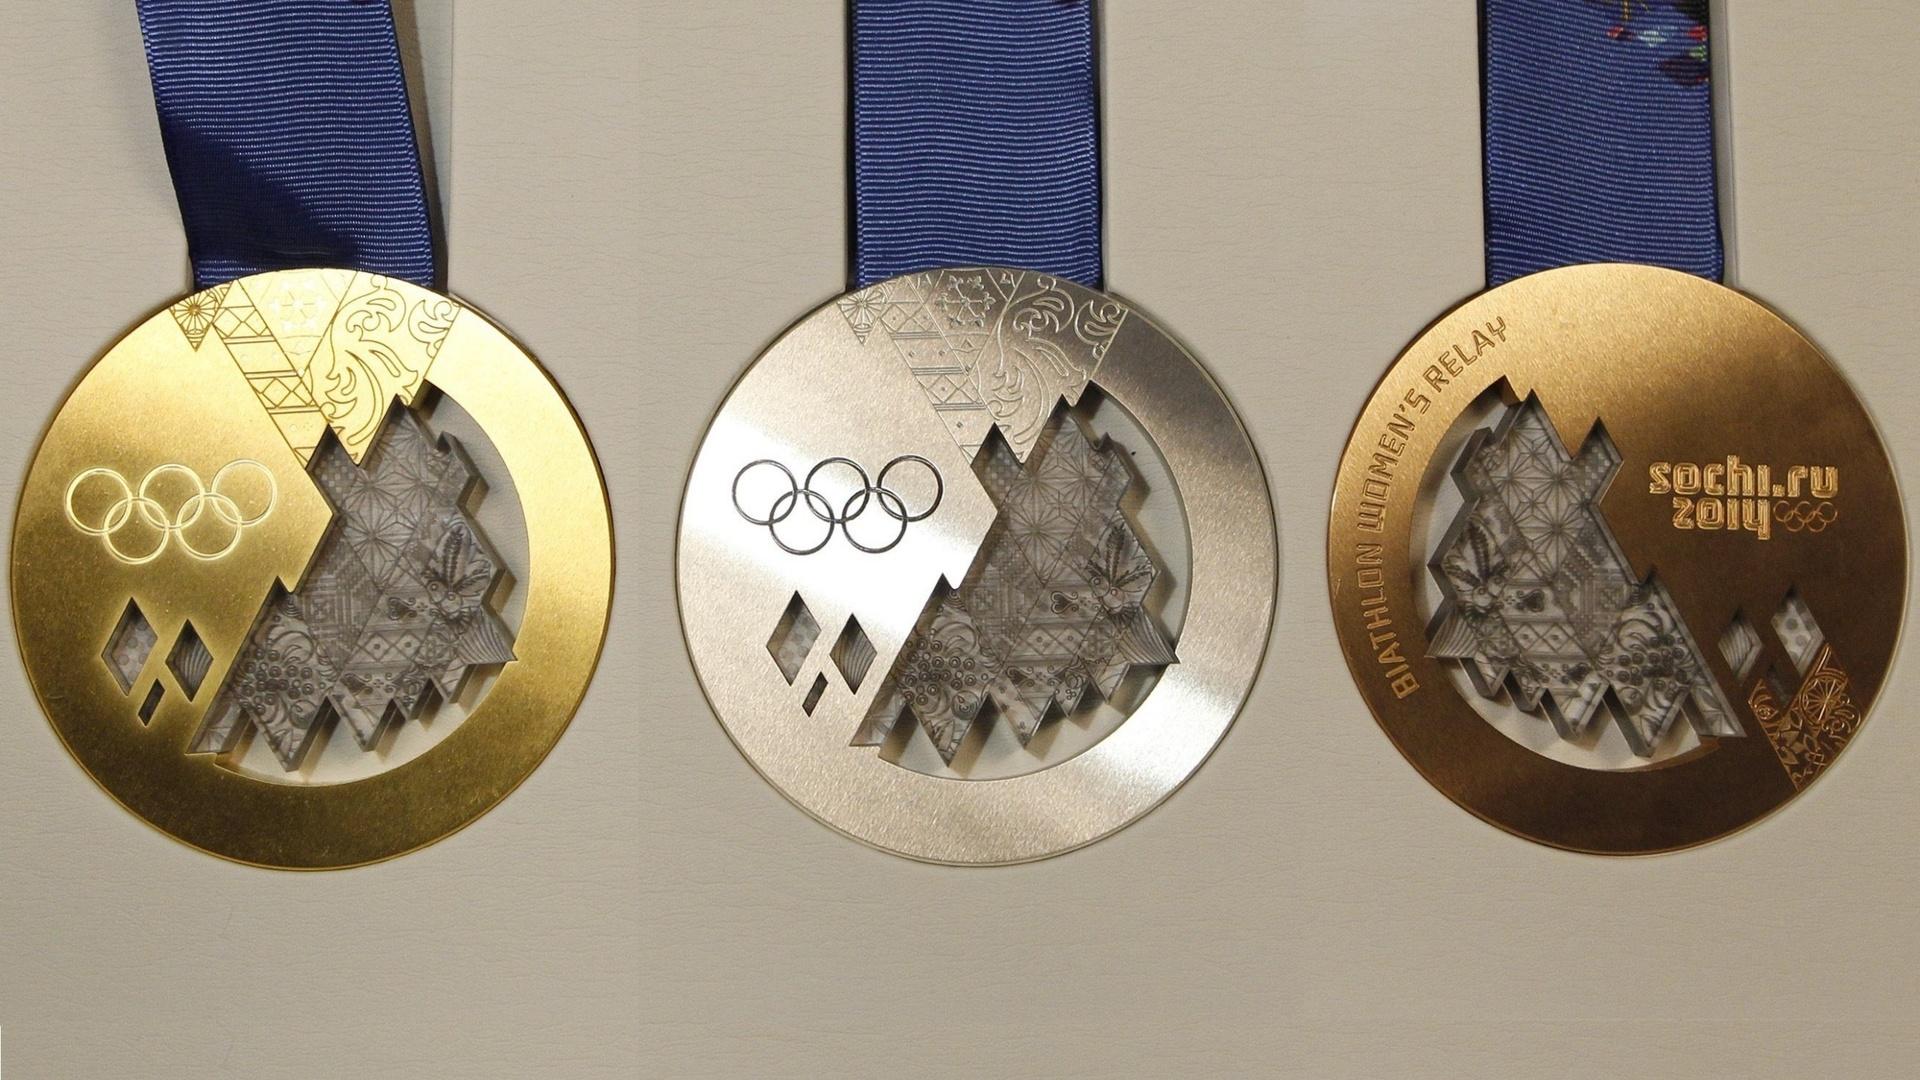 Олимпийские медали как сделаны